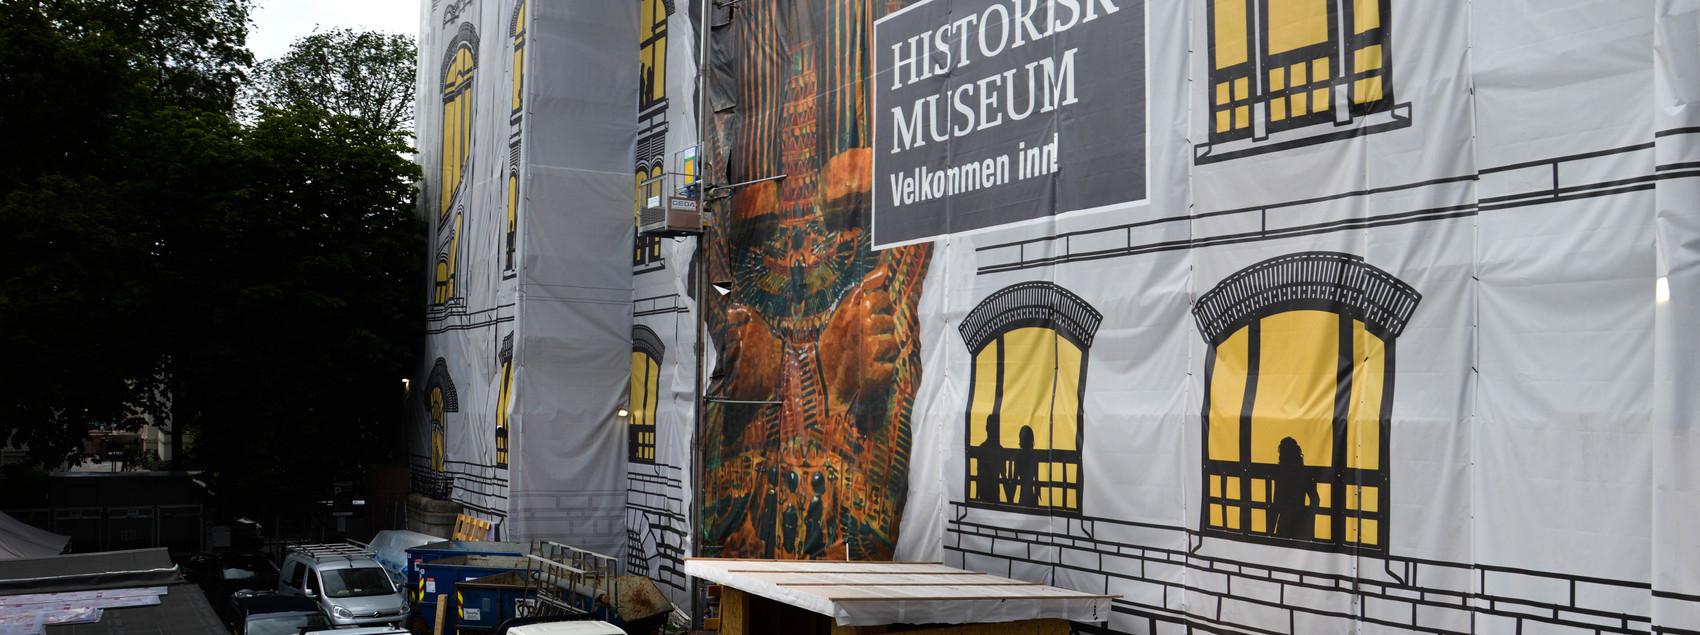 Antikvarisk Rehabilitering Historisk Museum 13